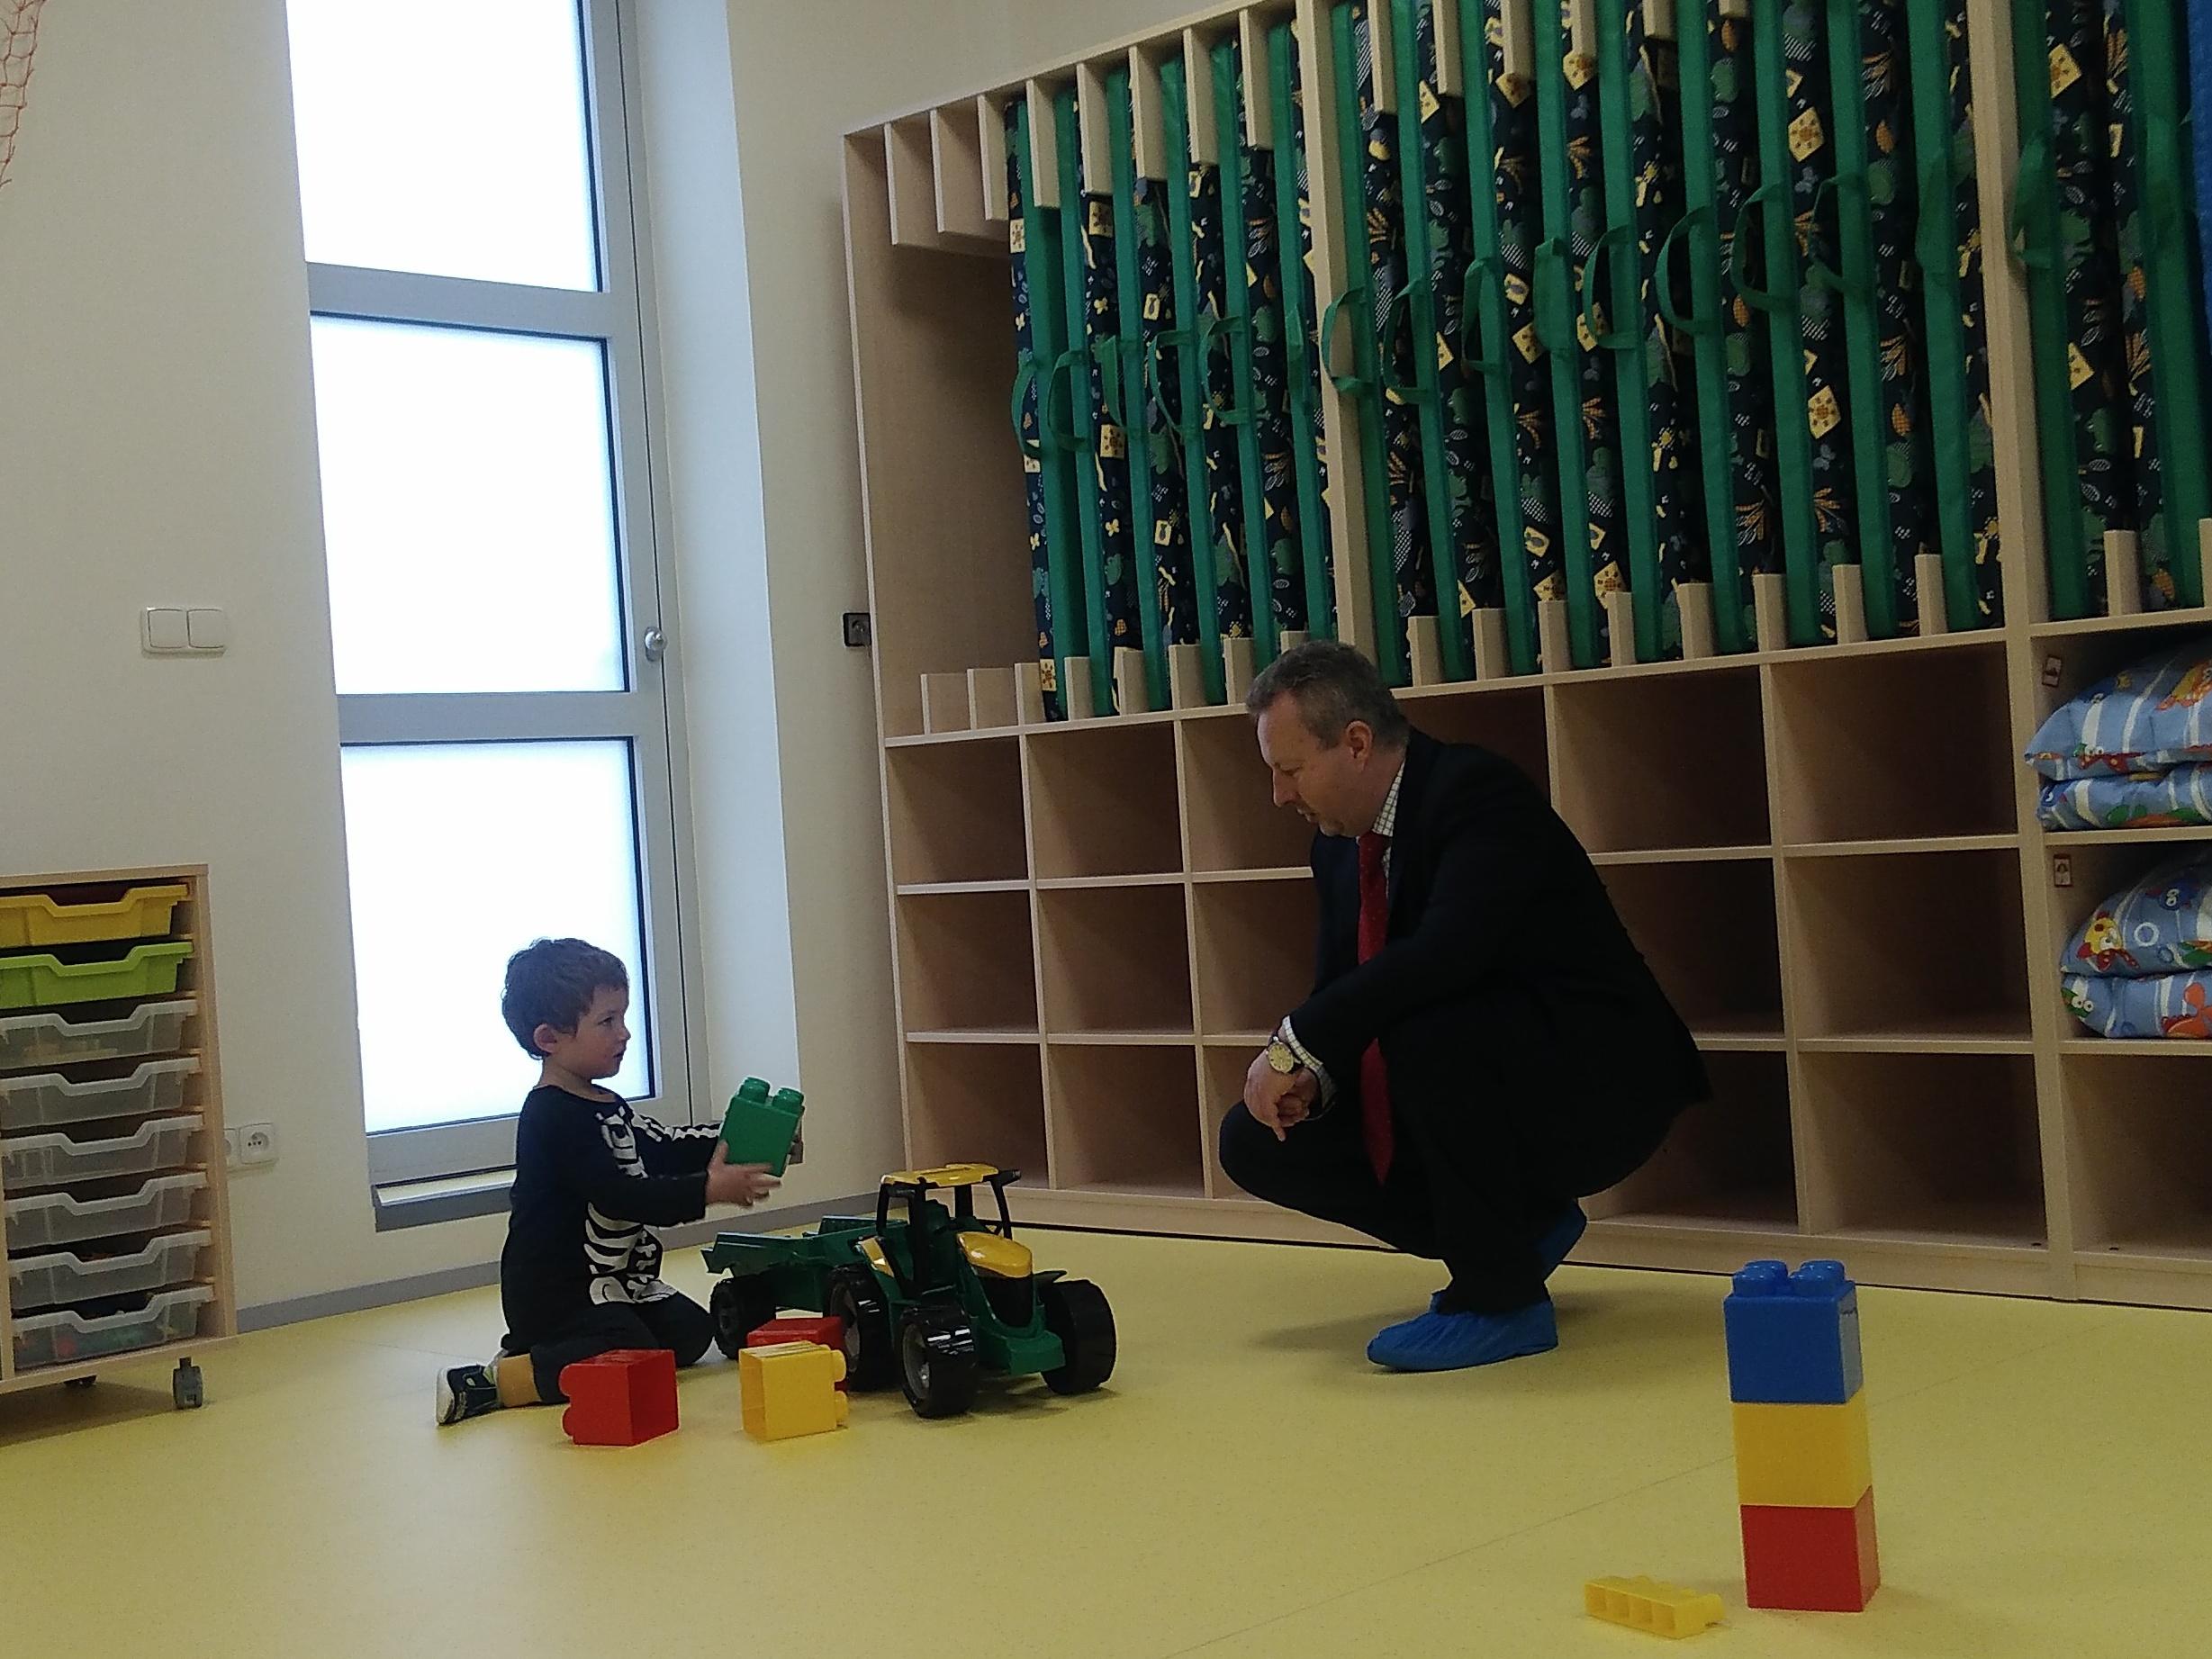 Zaměstnanci MŽP mohou využívat nové předškolní zařízení pro své děti. Ministerstvo má dětskou skupinu